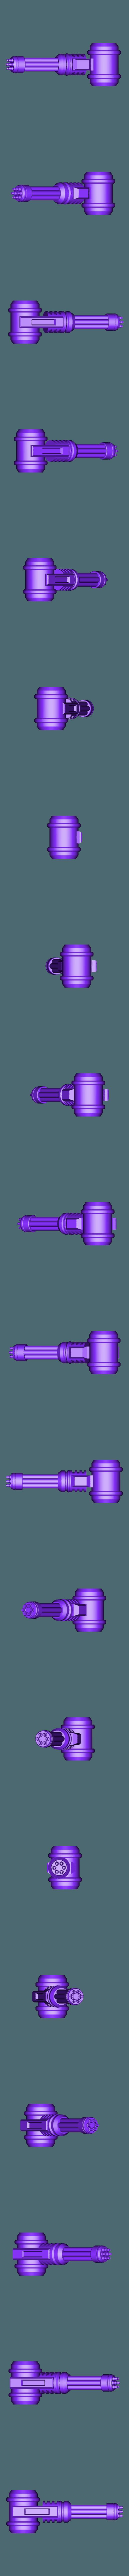 1-100th Defender Layout-HighRez-SuppressiveGatling2.stl Télécharger fichier STL gratuit 1/100e de l'échelle Defender Mech • Design pour imprimante 3D, johnbearross